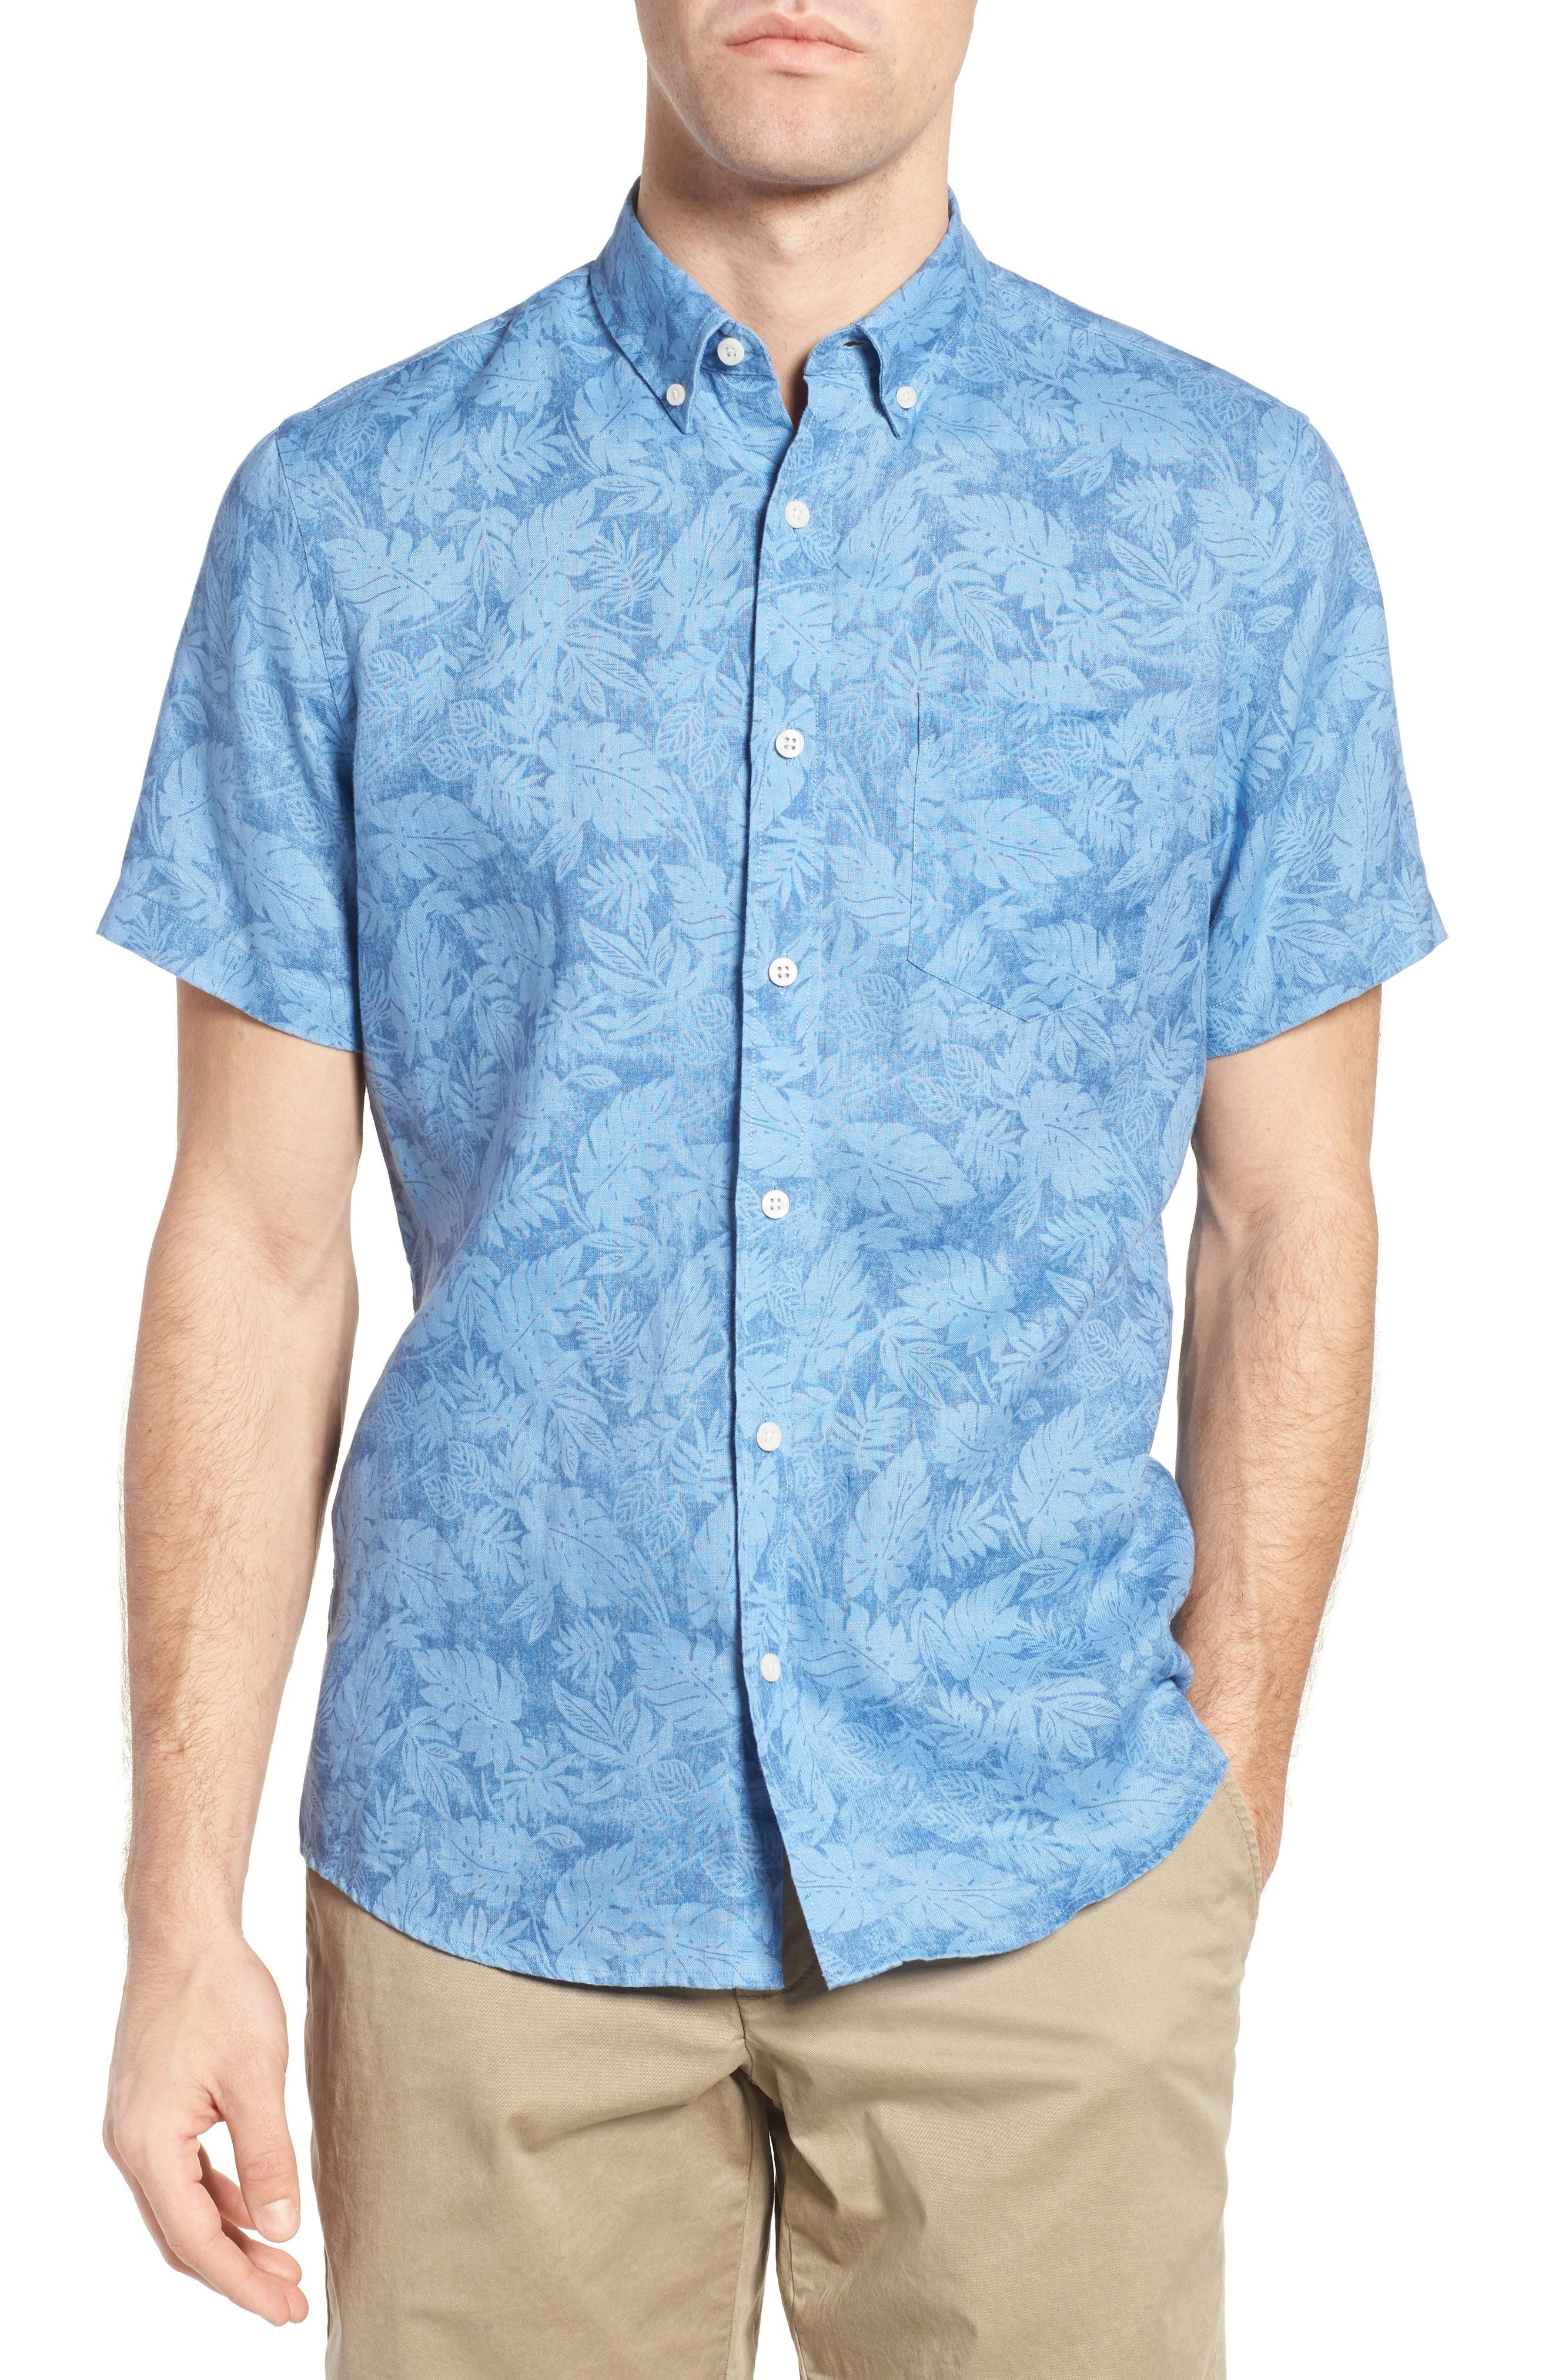 NORDSTROM MENS SHOP Slim Fit Floral Print Linen Sport Shirt